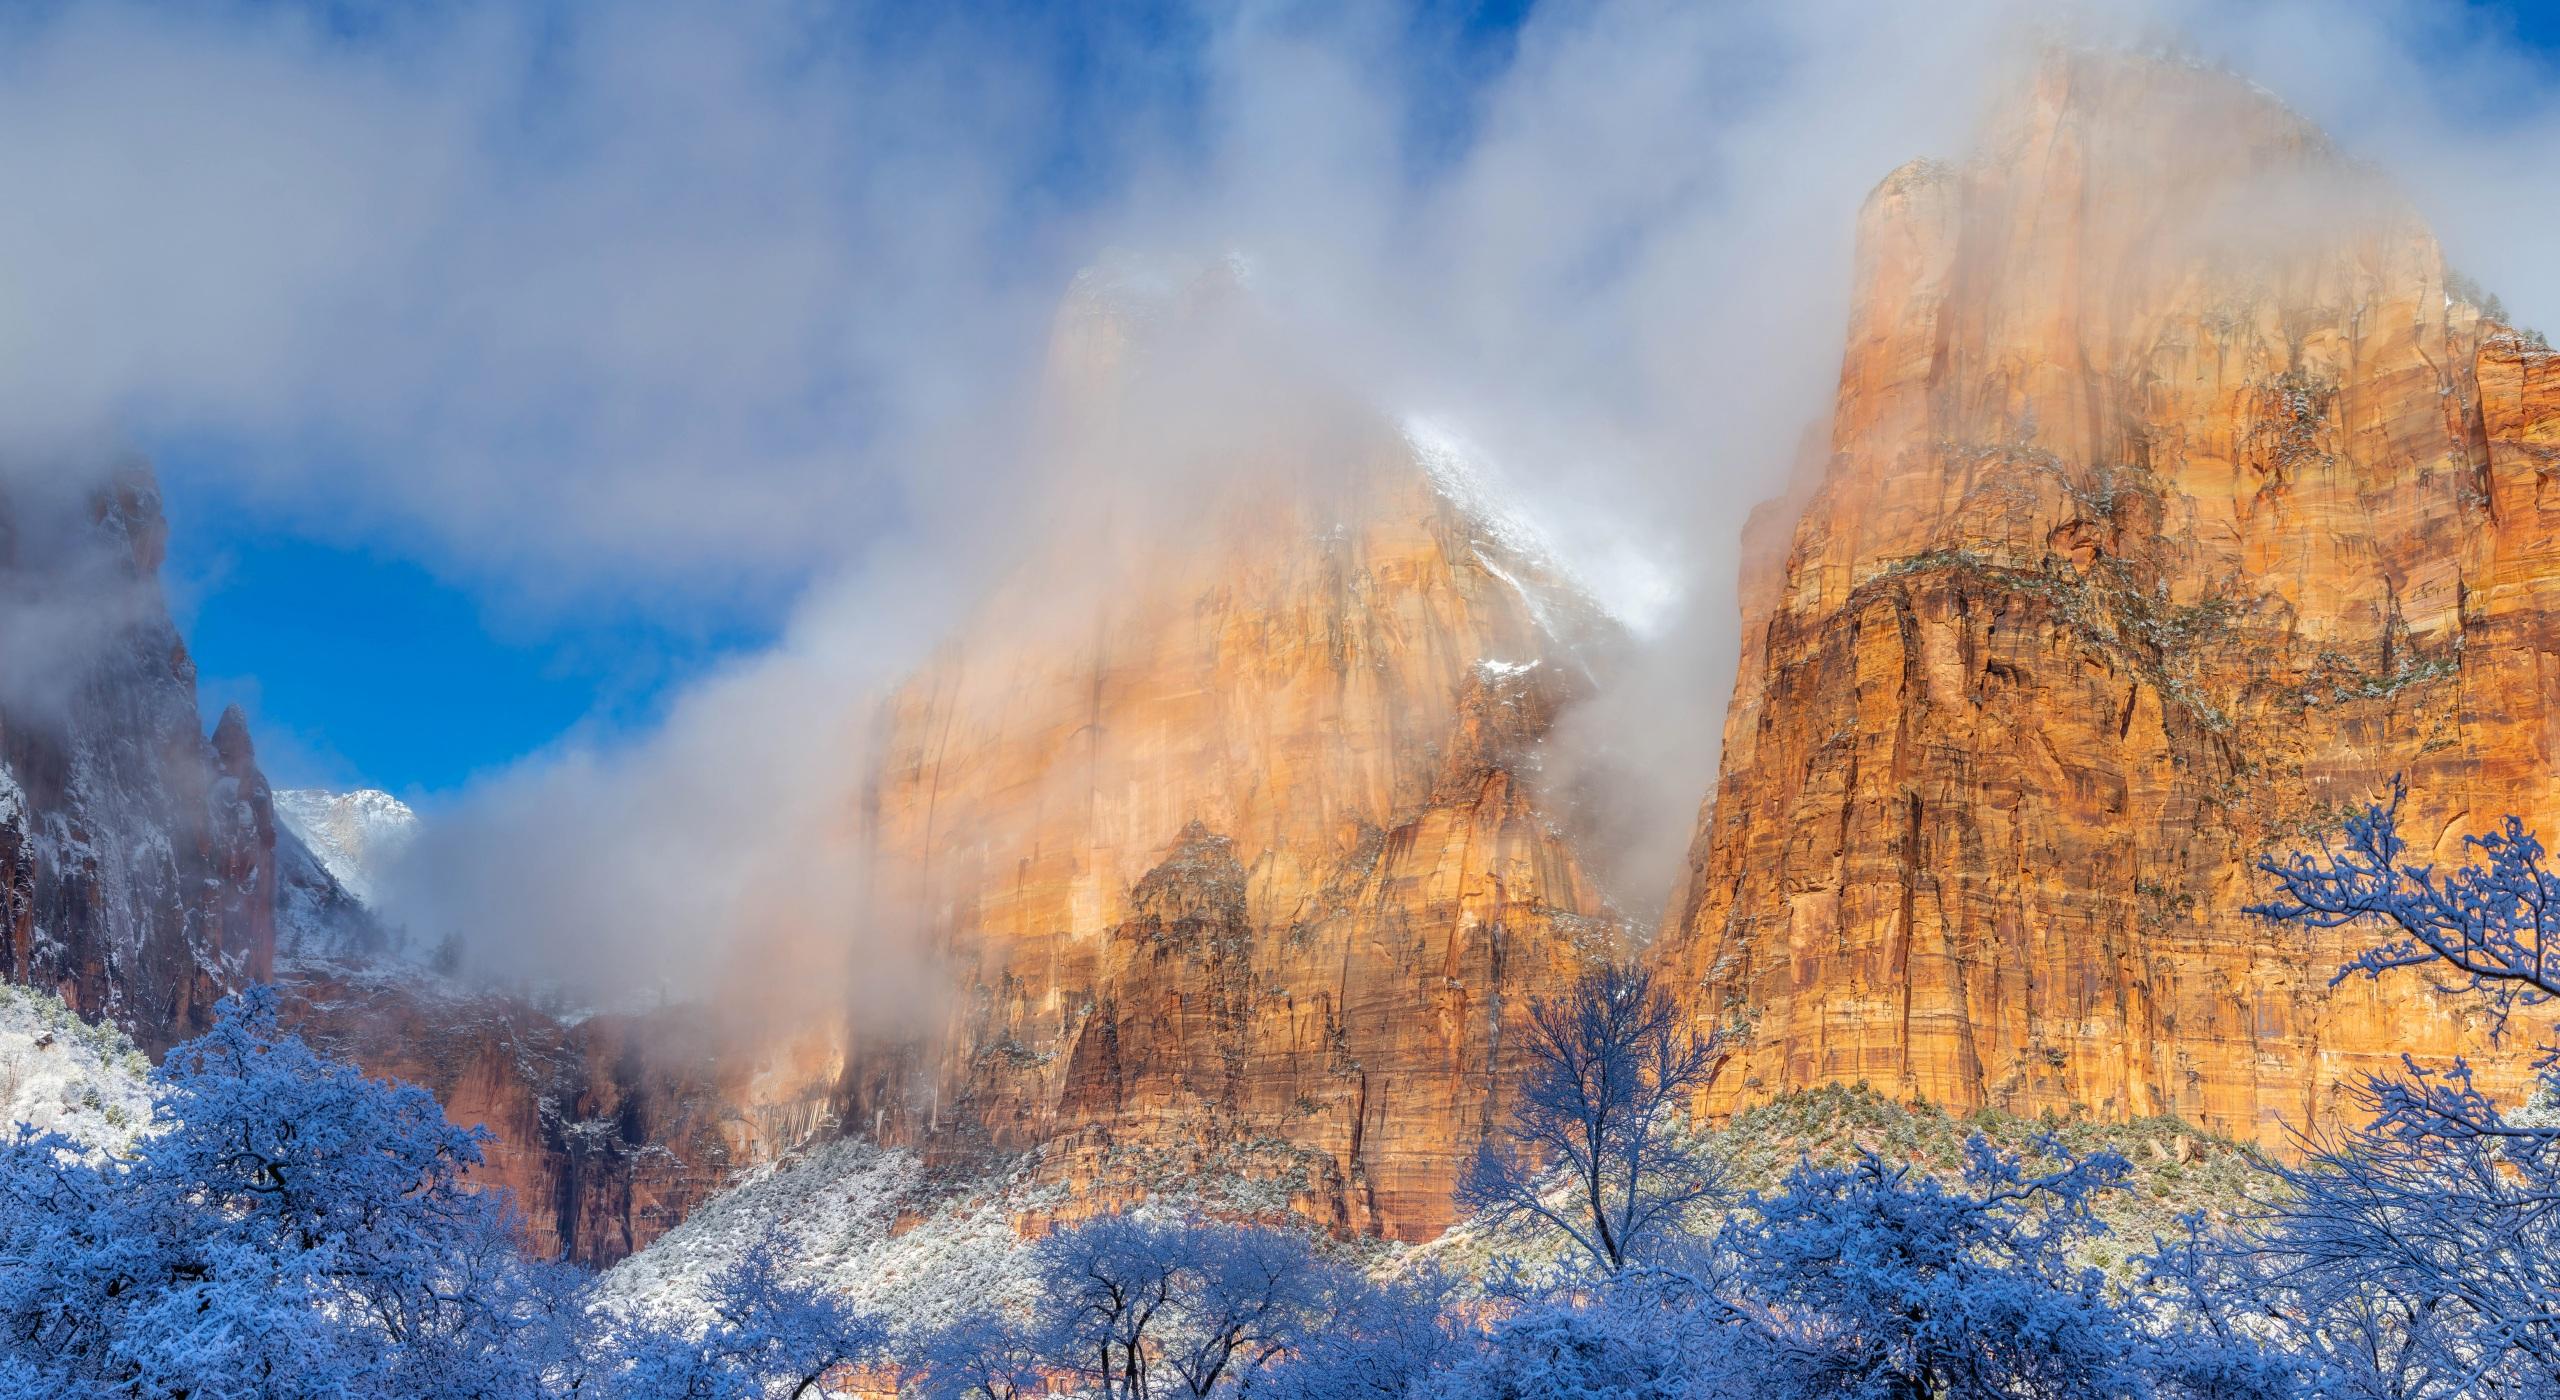 Фотография Зайон национальнай парк штаты Горы Зима Скала Природа парк на ветке 2560x1400 США гора Утес скалы скале зимние Парки Ветки ветка ветвь